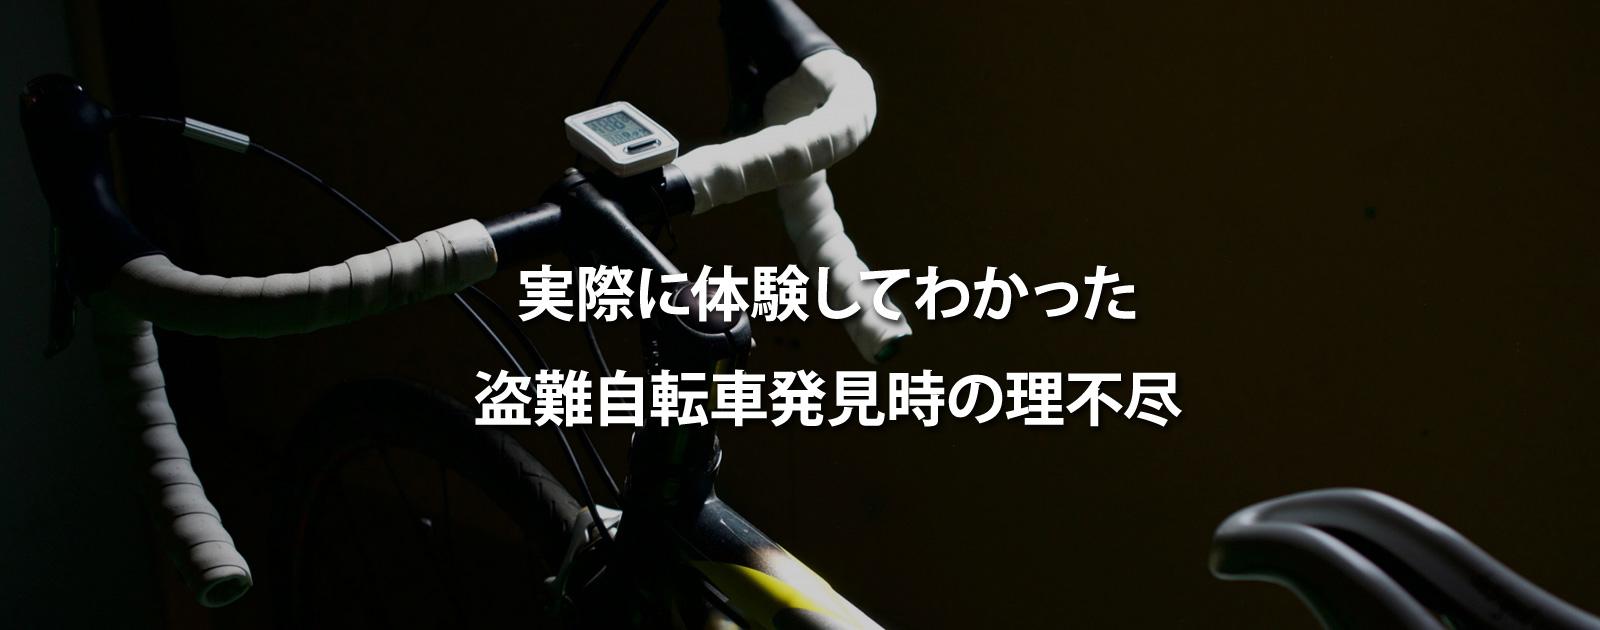 自転車が盗難された際に必要になる煩わしい処理の数々